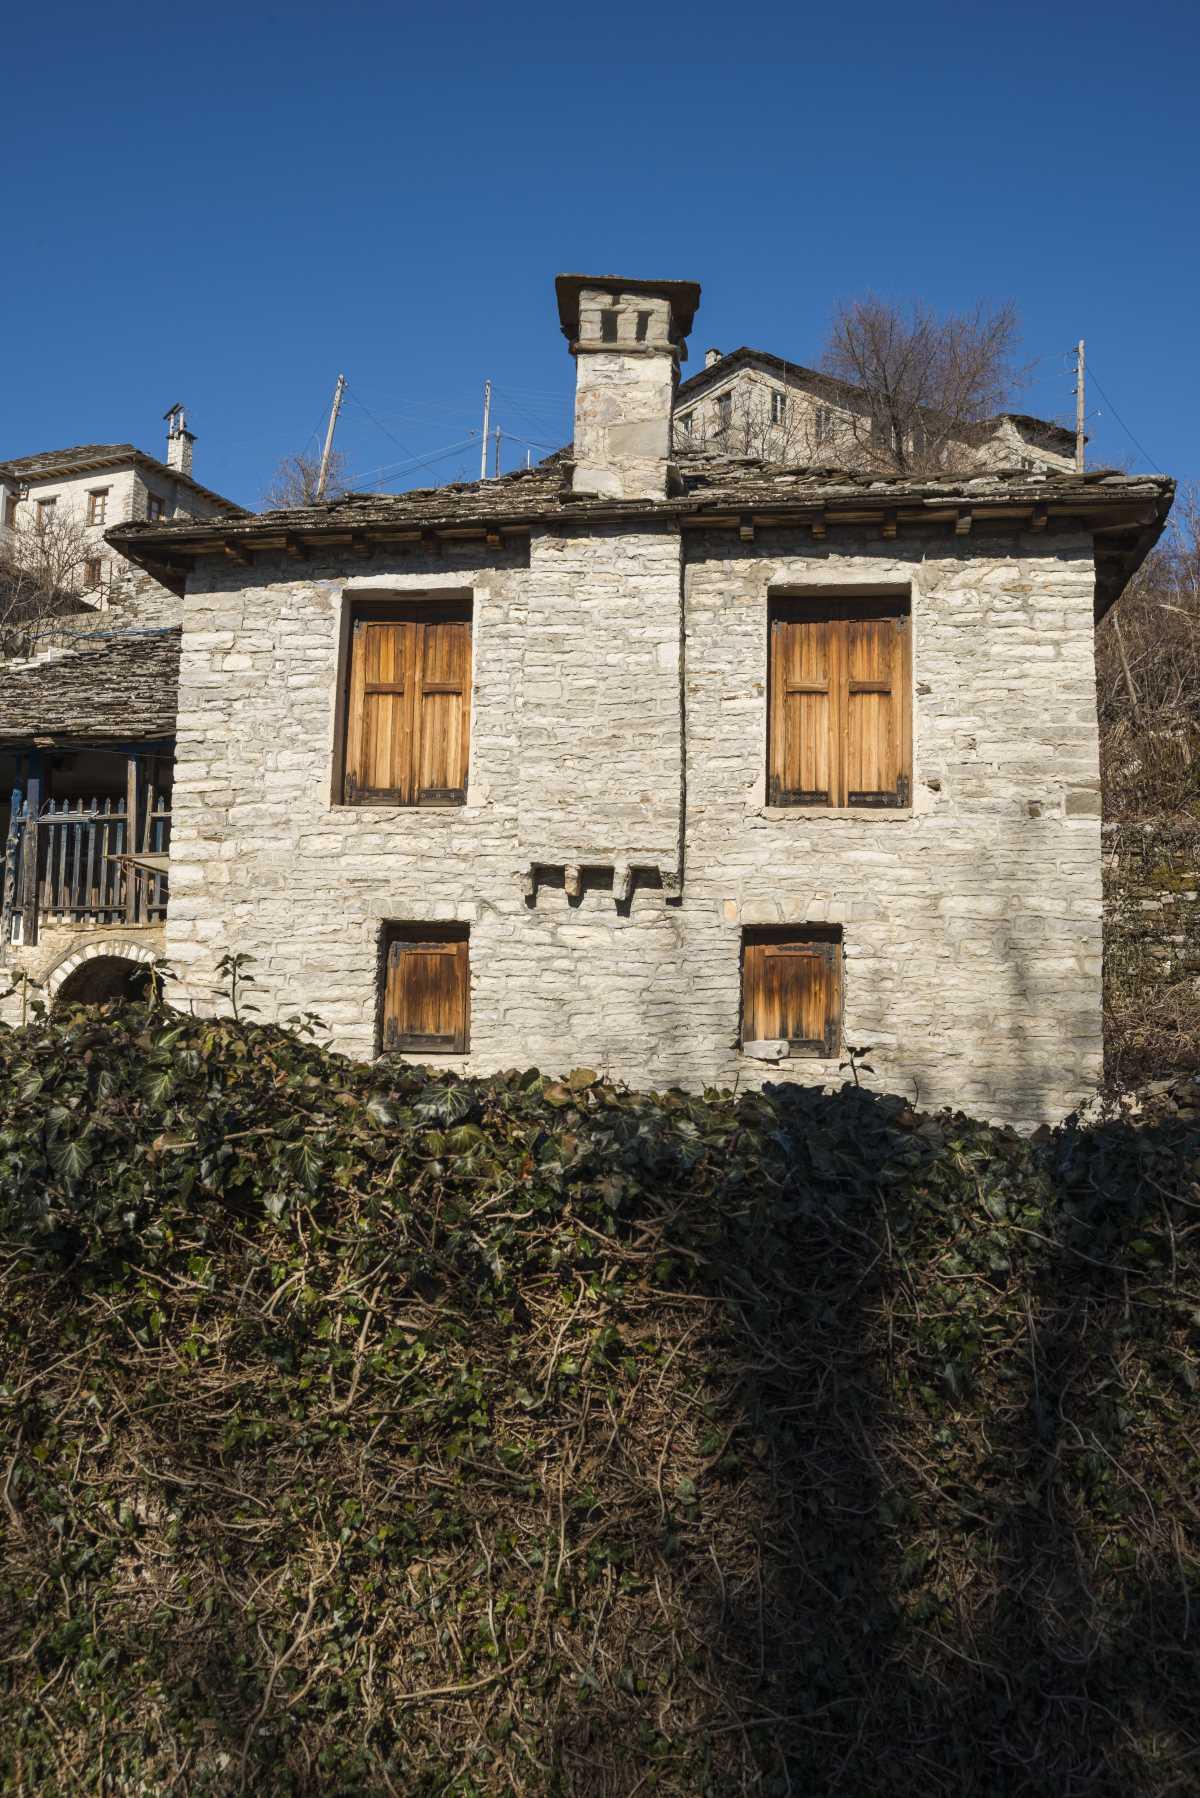 Πετρόκτιστο σπίτι στο Καπέσοβο, Ζαγόρι